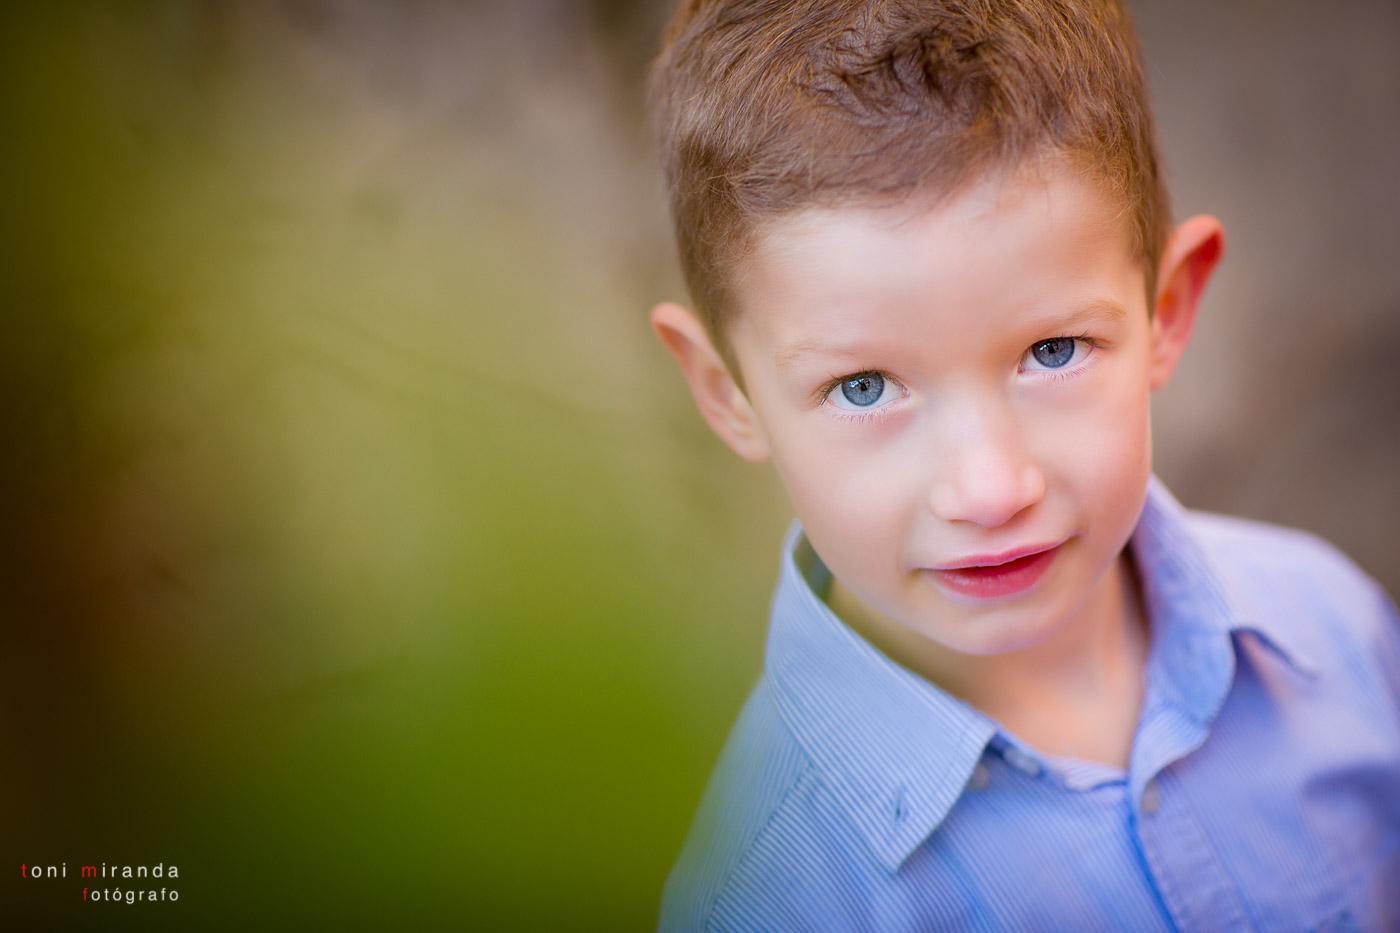 retrato niño 5 años ojos azules